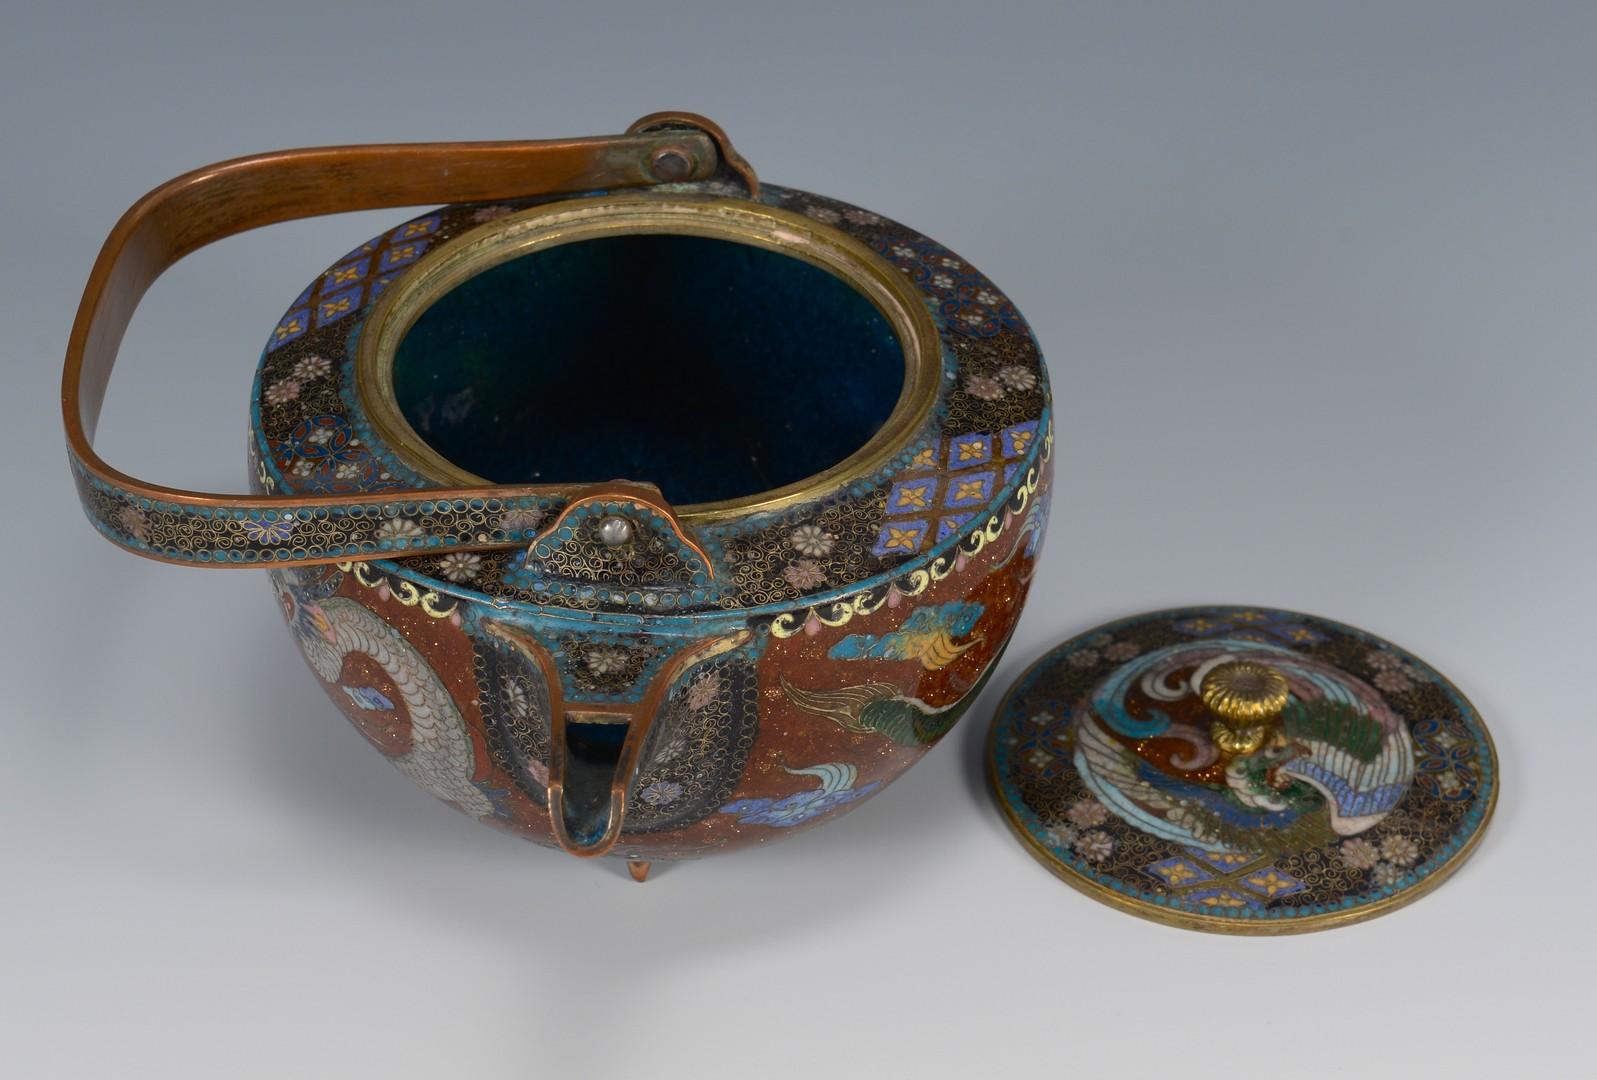 Lot 3594204: 2 Cloisonne Tea Pots + 1 Ewer